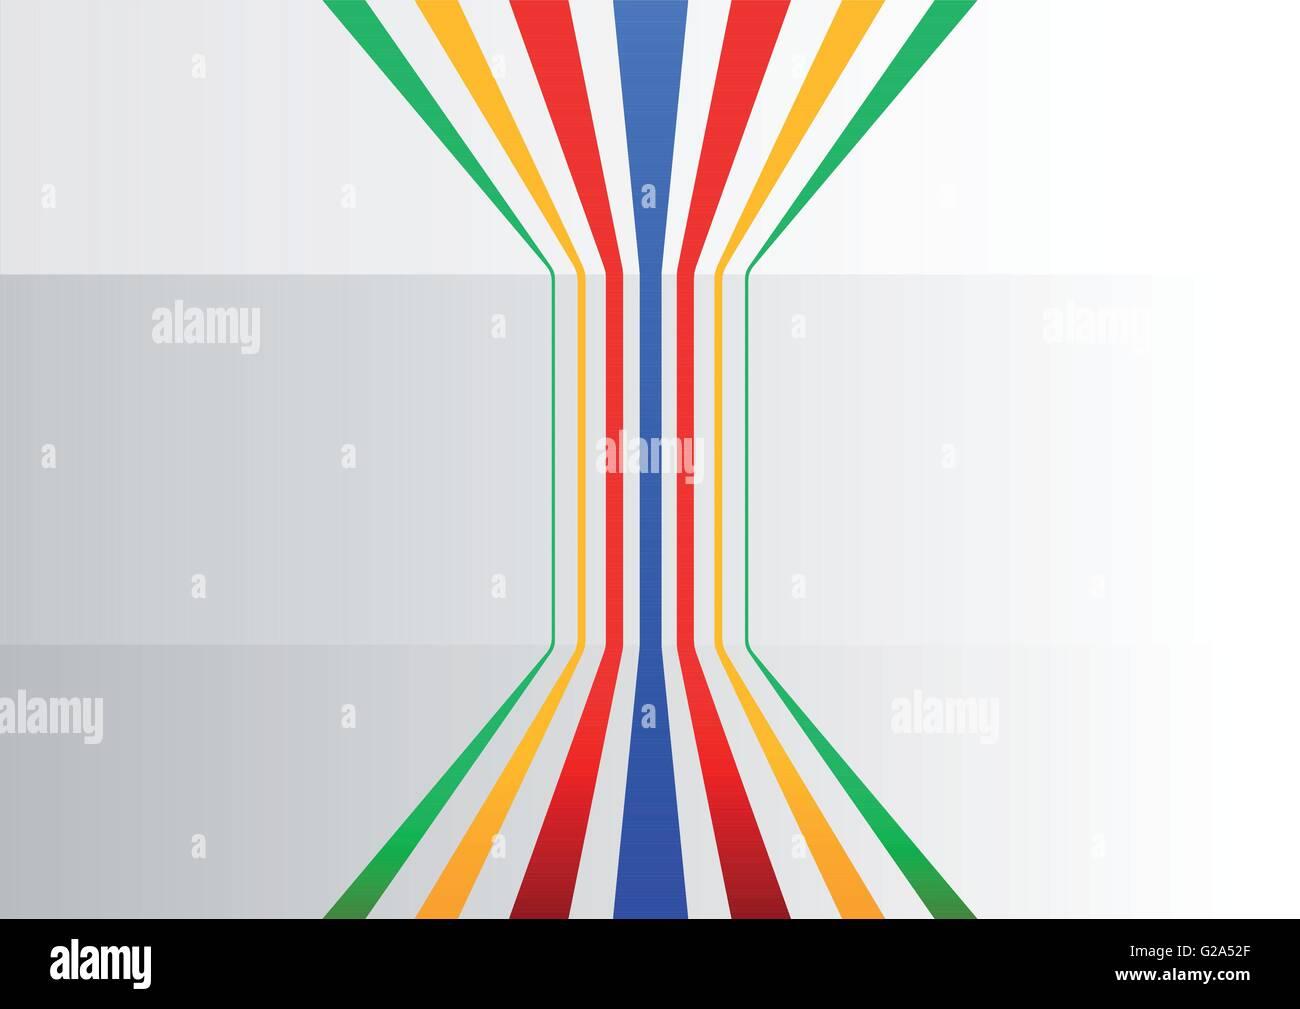 Colorati business generico sfondo con linee verticali che si diramano a simboleggiare le informazioni e il flusso Immagini Stock